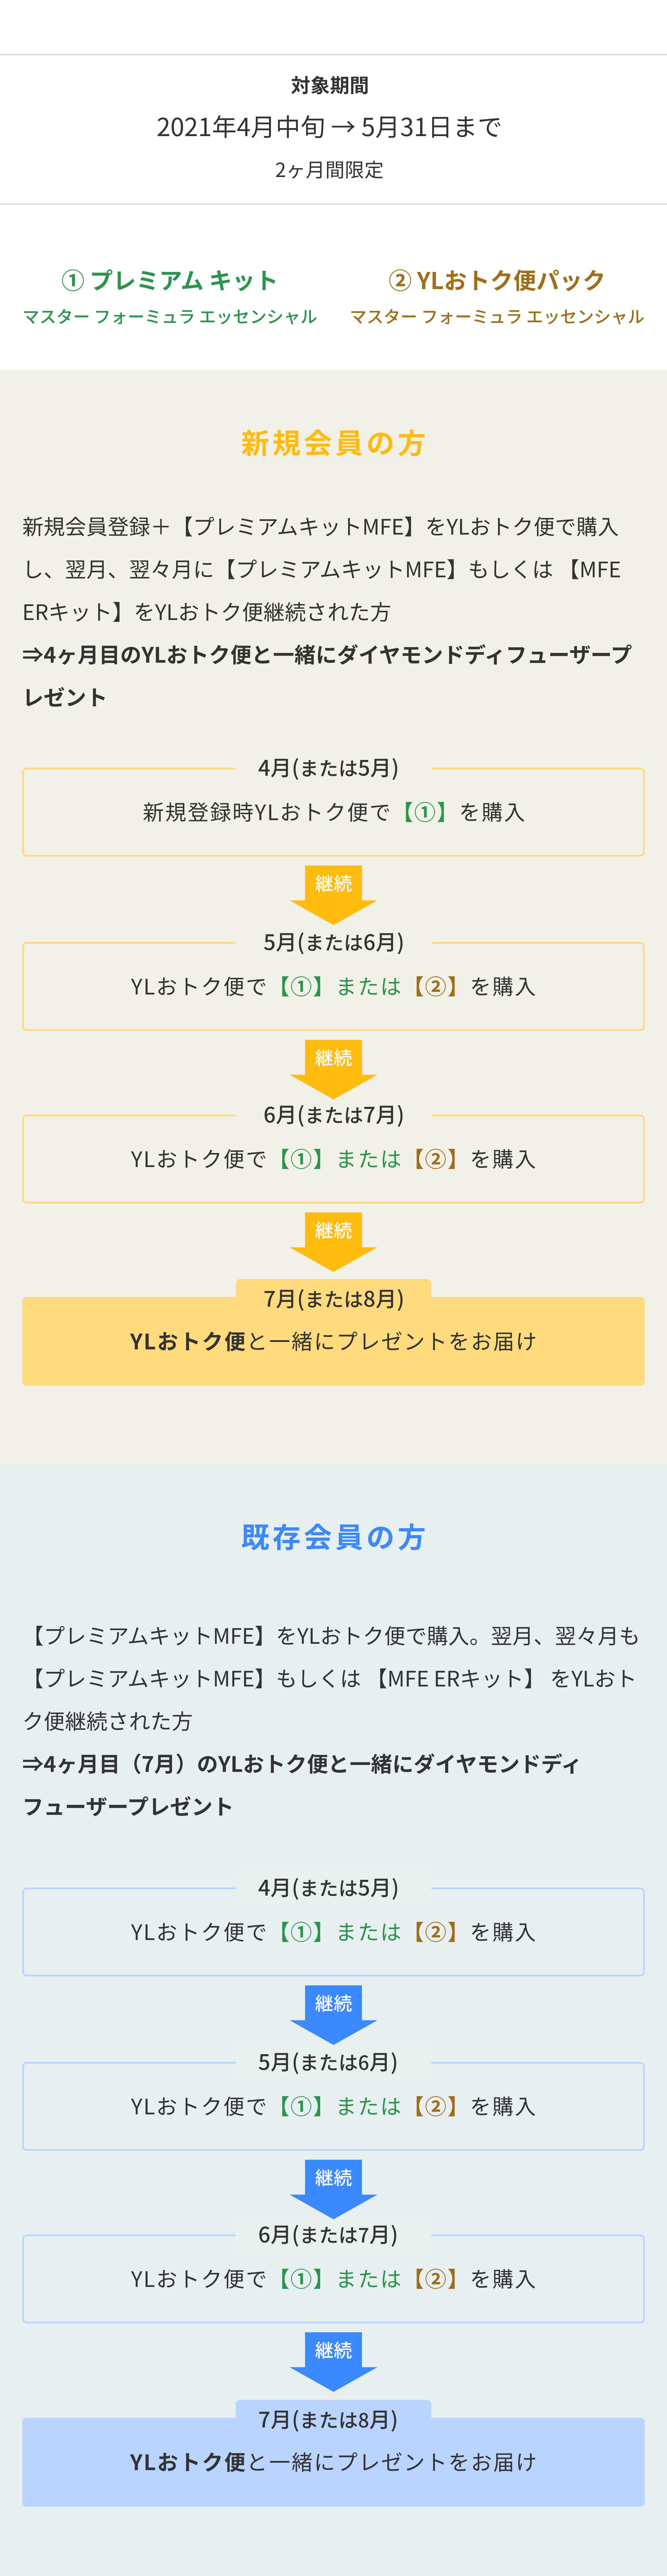 対象期間 2021年4月中旬 → 5月31日まで